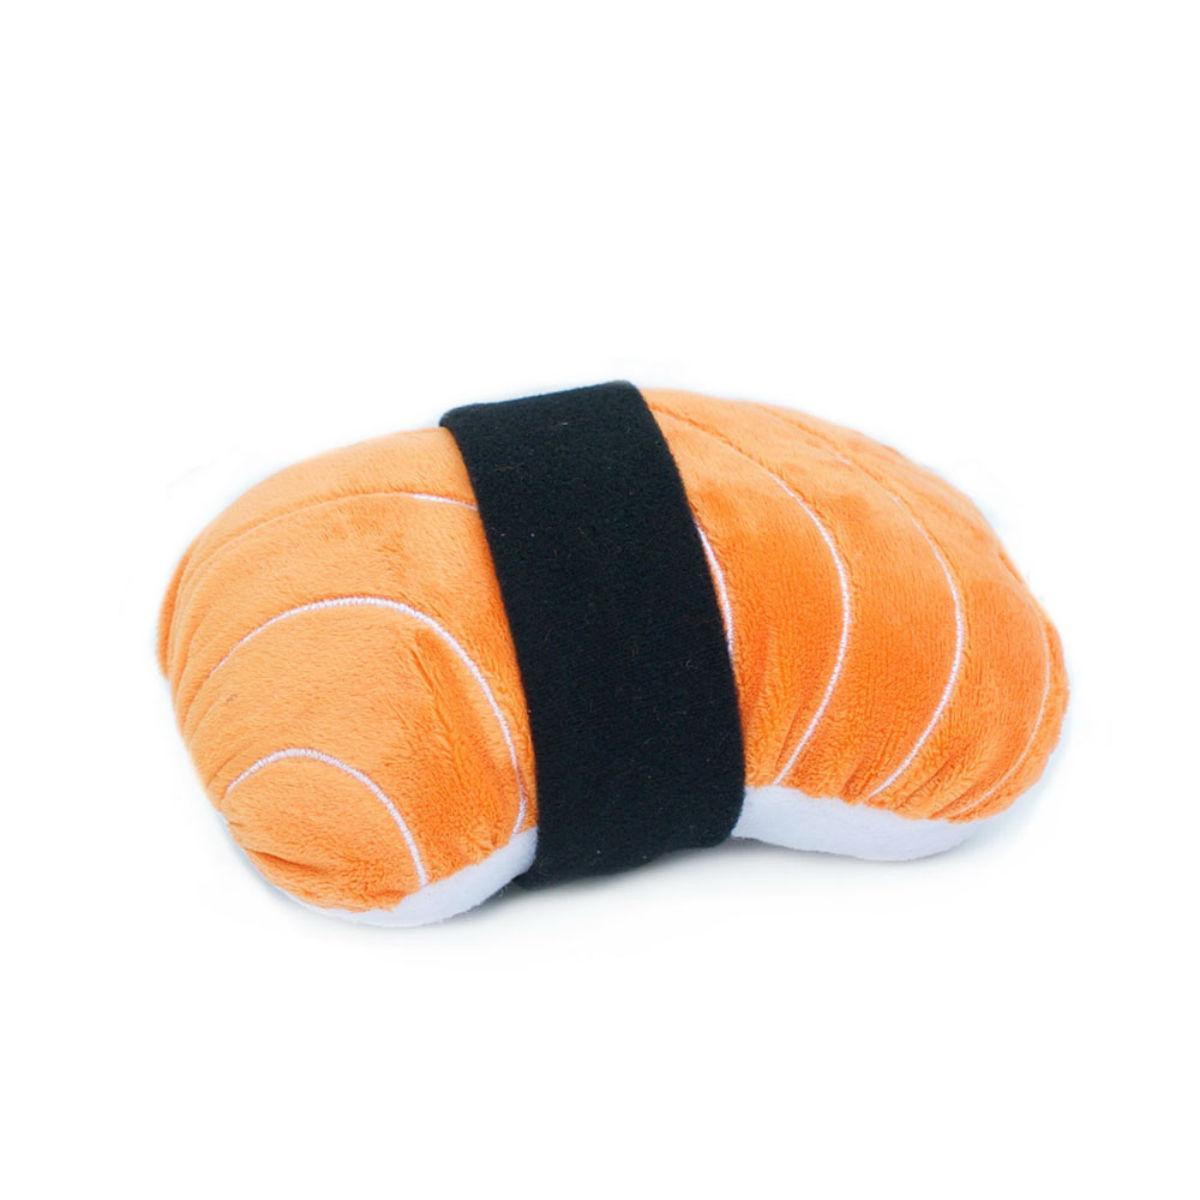 ZippyPaws NomNomz Dog Toy - Sushi